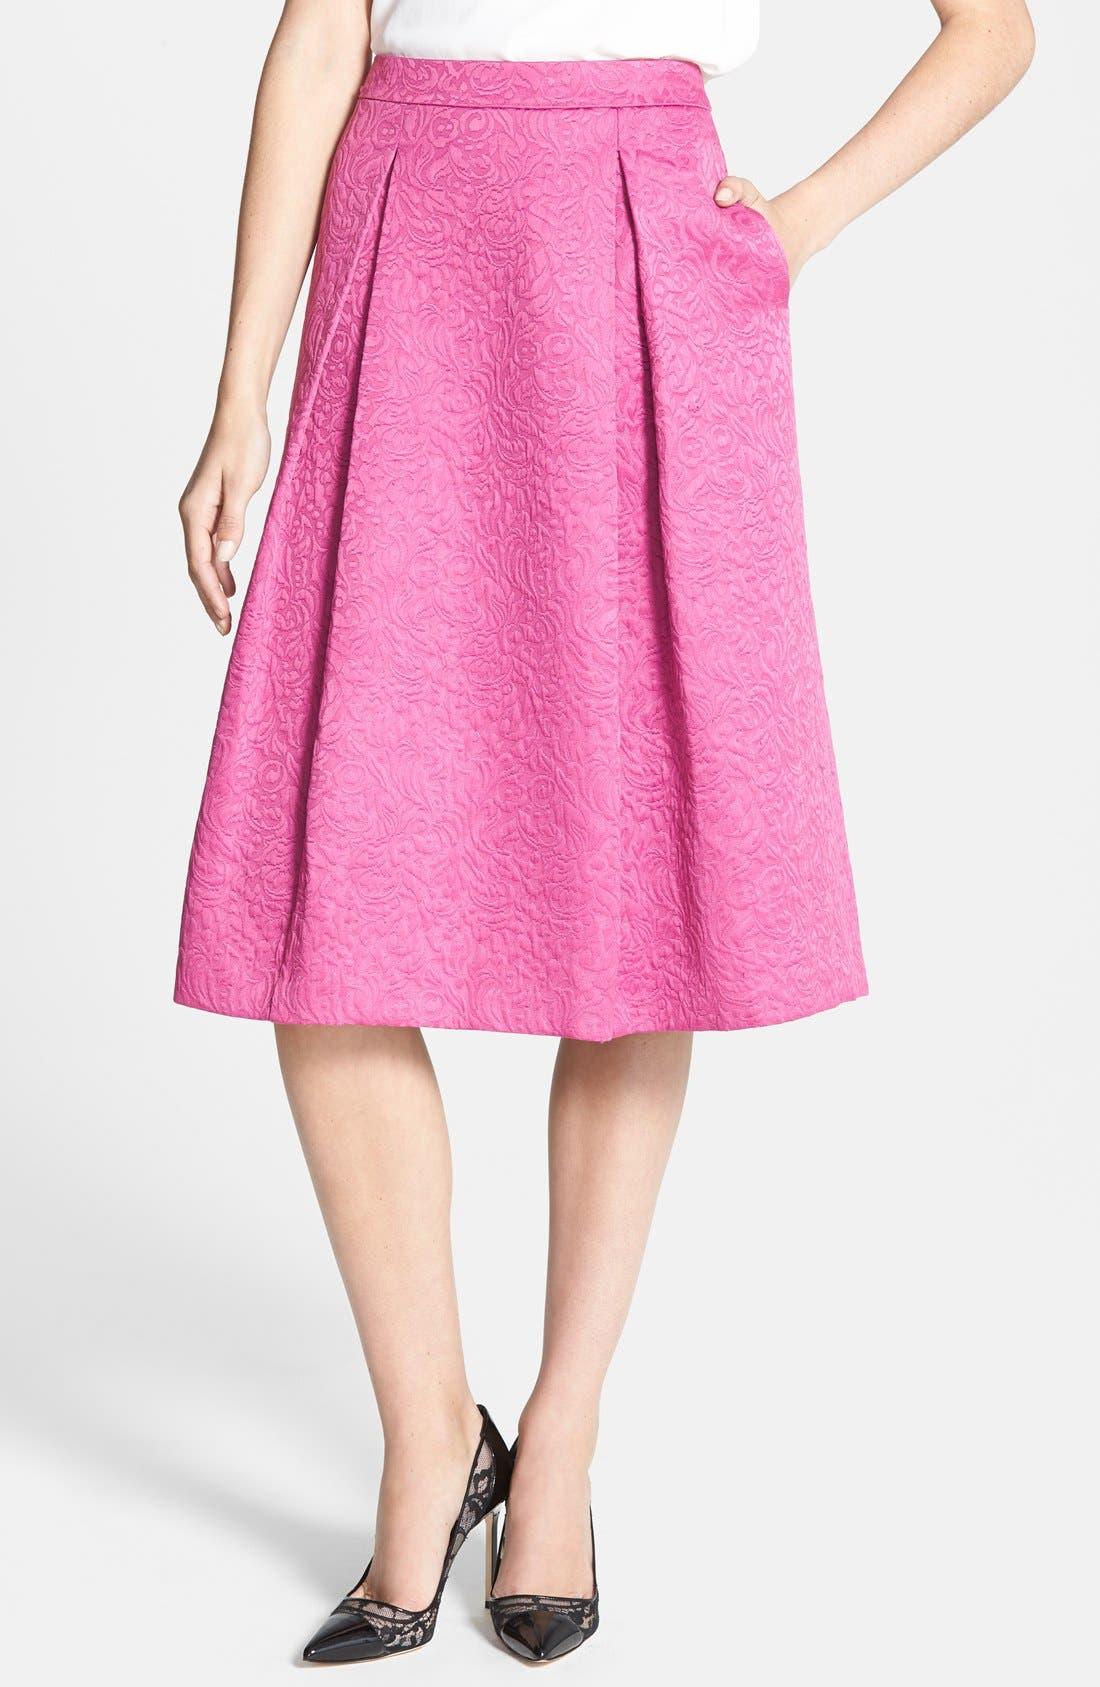 Alternate Image 1 Selected - Chelsea28 Full Pleat Skirt